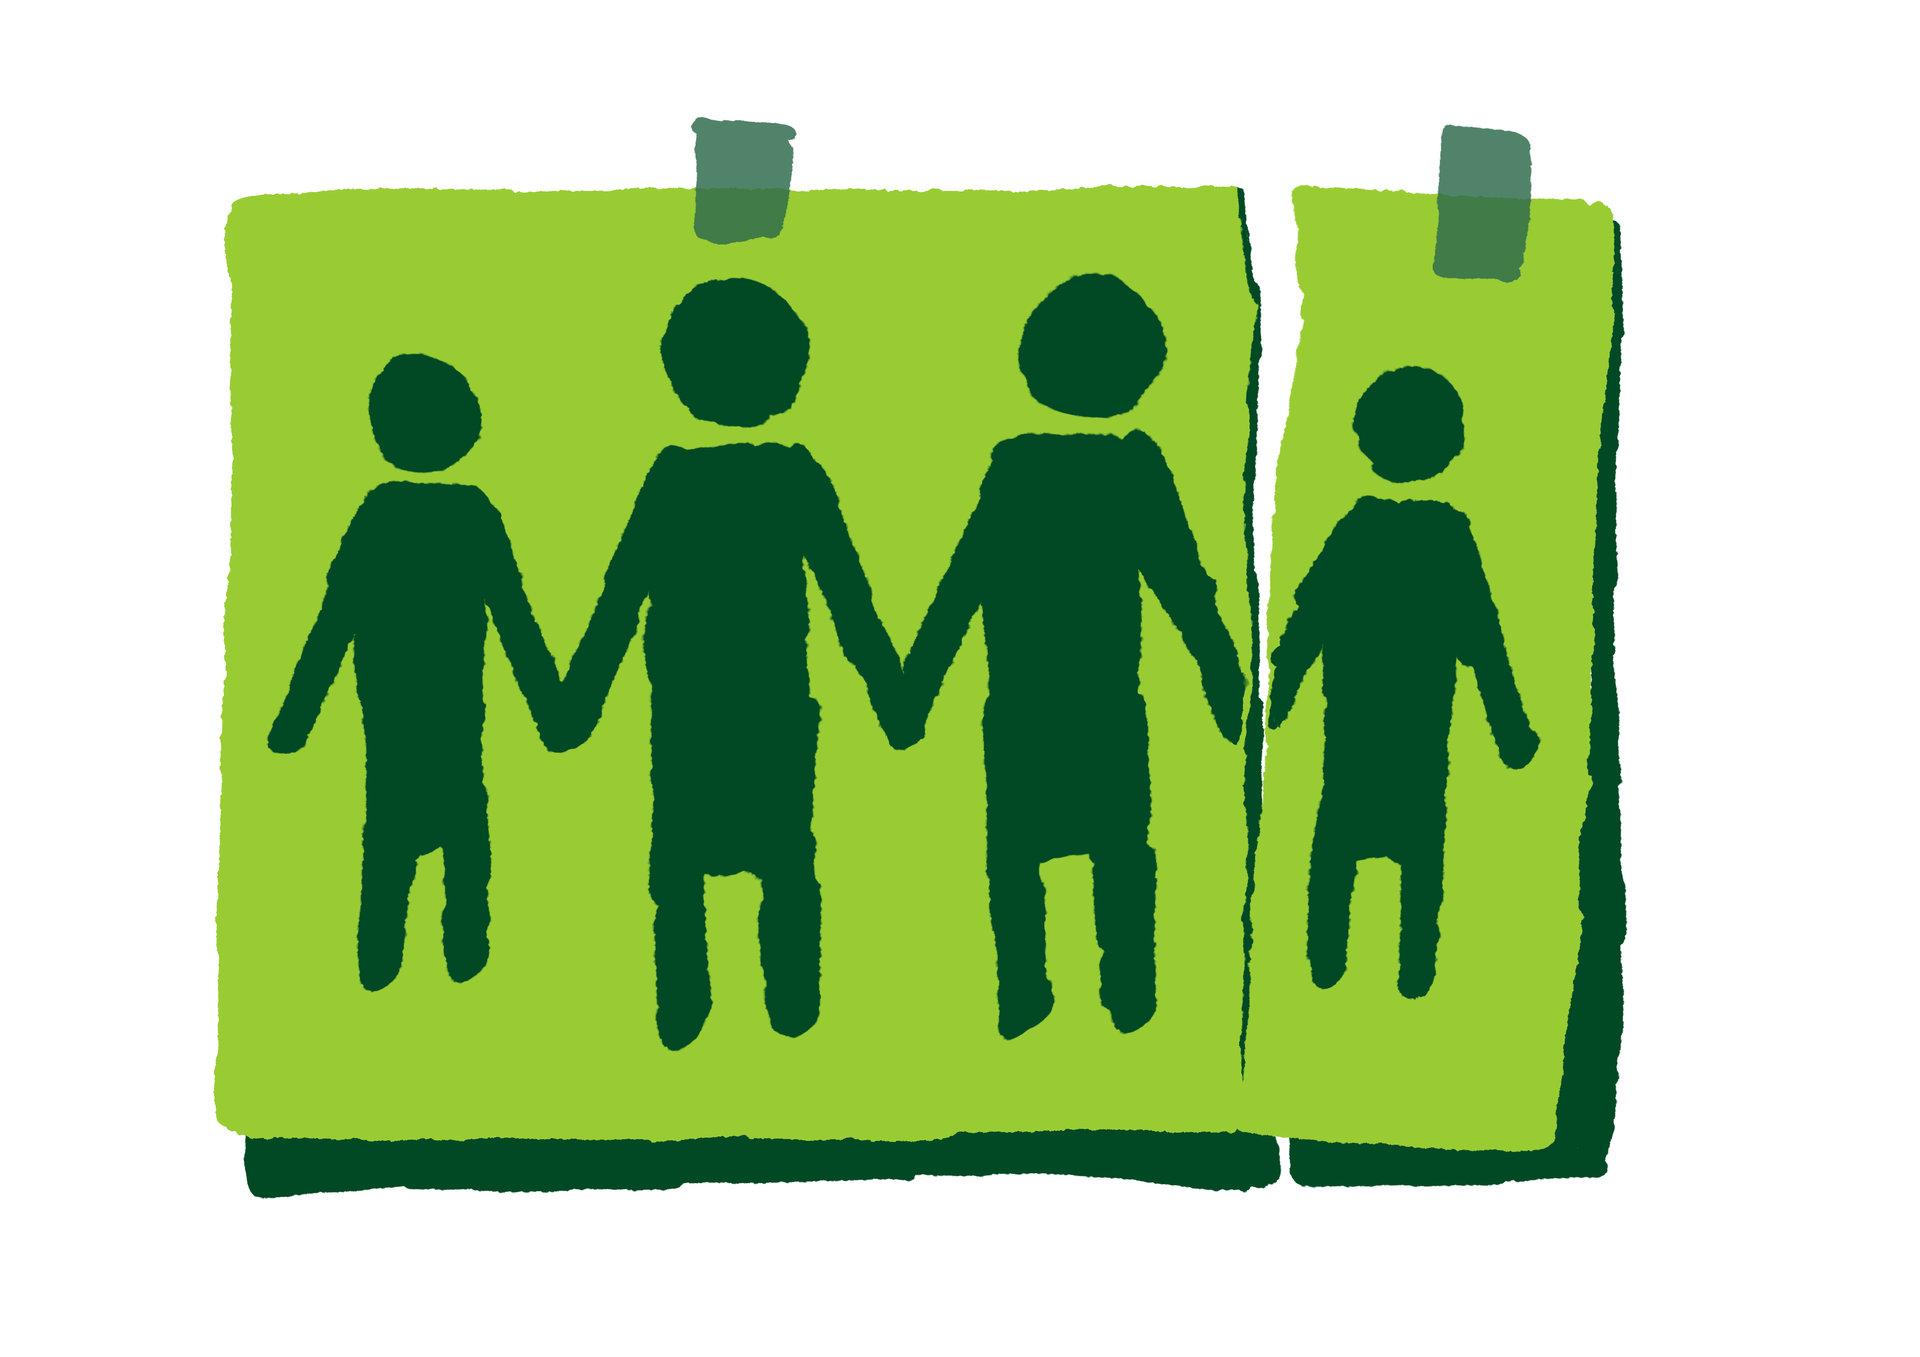 Perheet unohdetaan radikalisoitumista ehkäisevässä työssä – leimautumisen pelko estää tuen hakemisen